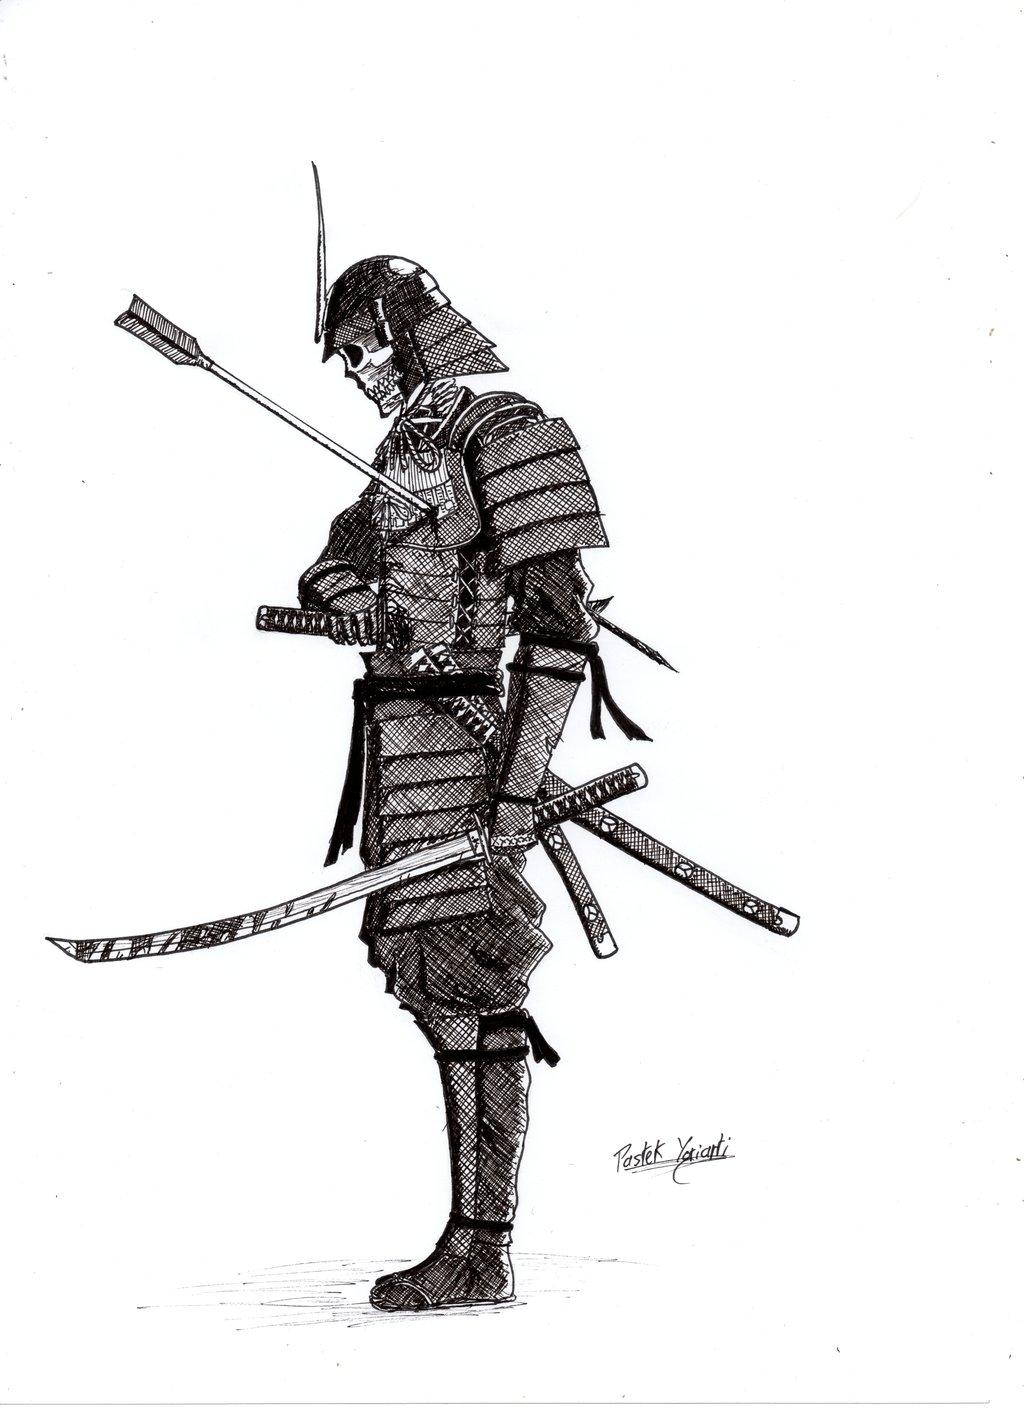 Drawn samurai harakiri Skeleton PastekArt Skeleton Samurai by